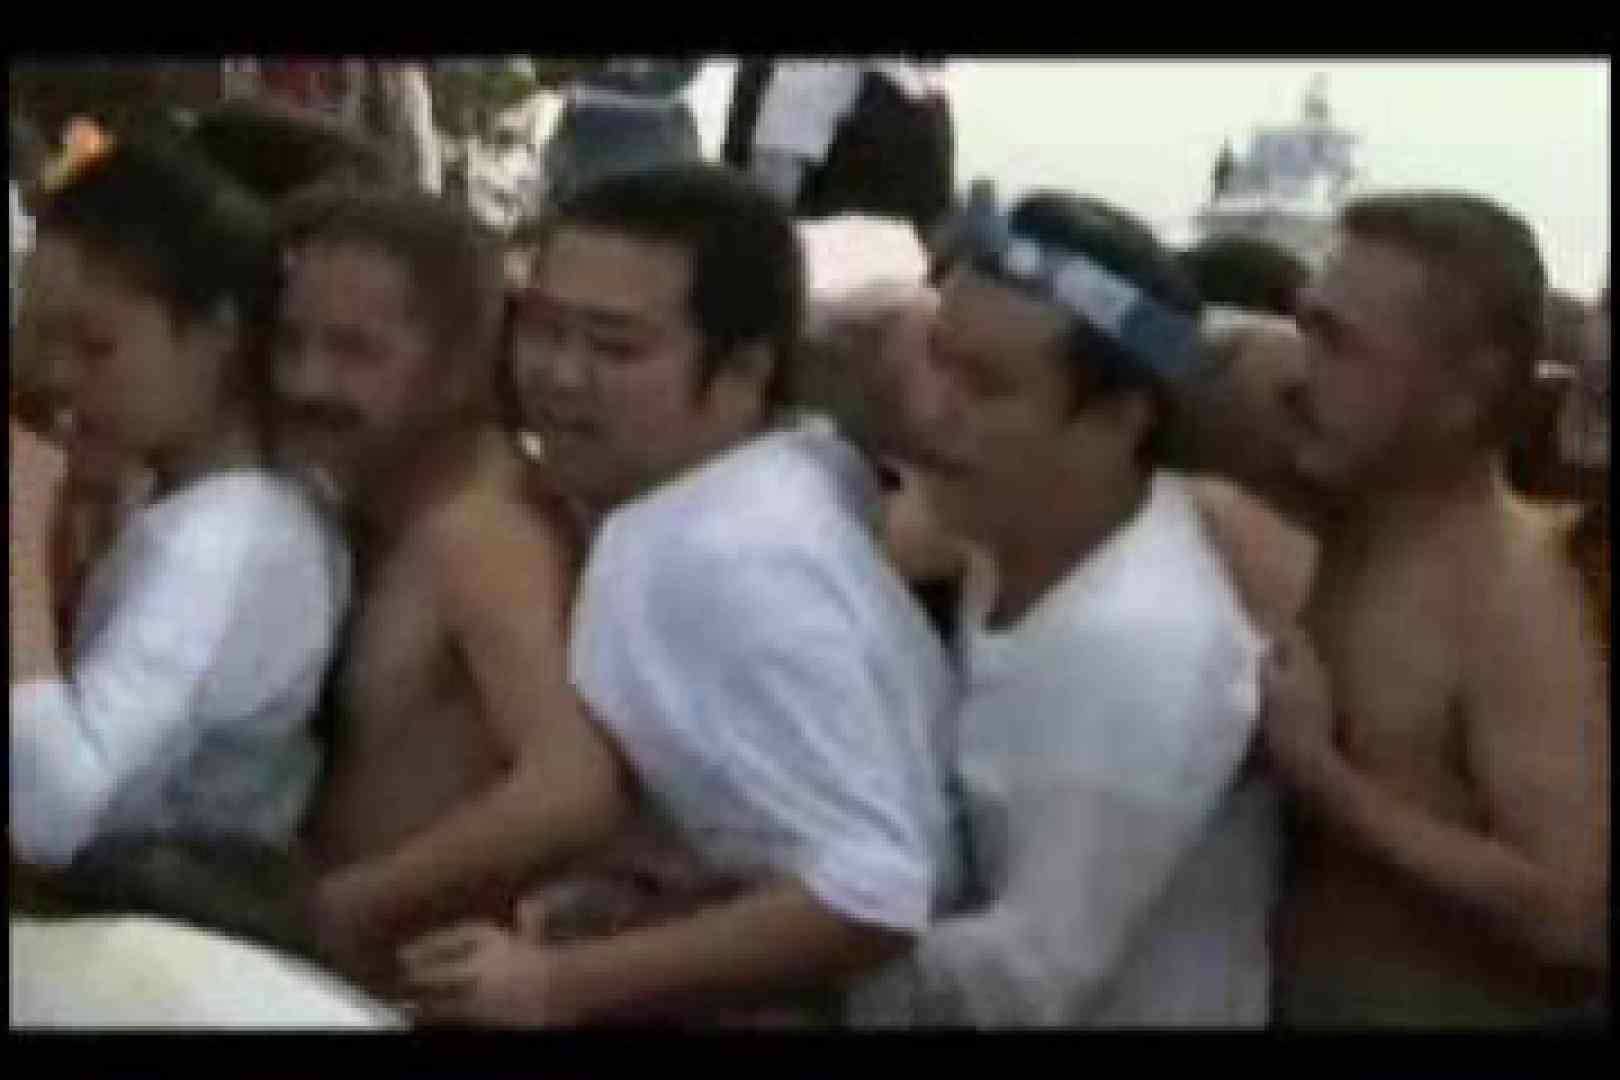 陰間茶屋 男児祭り VOL.2 メンズのチンコ   男の世界  82画像 25